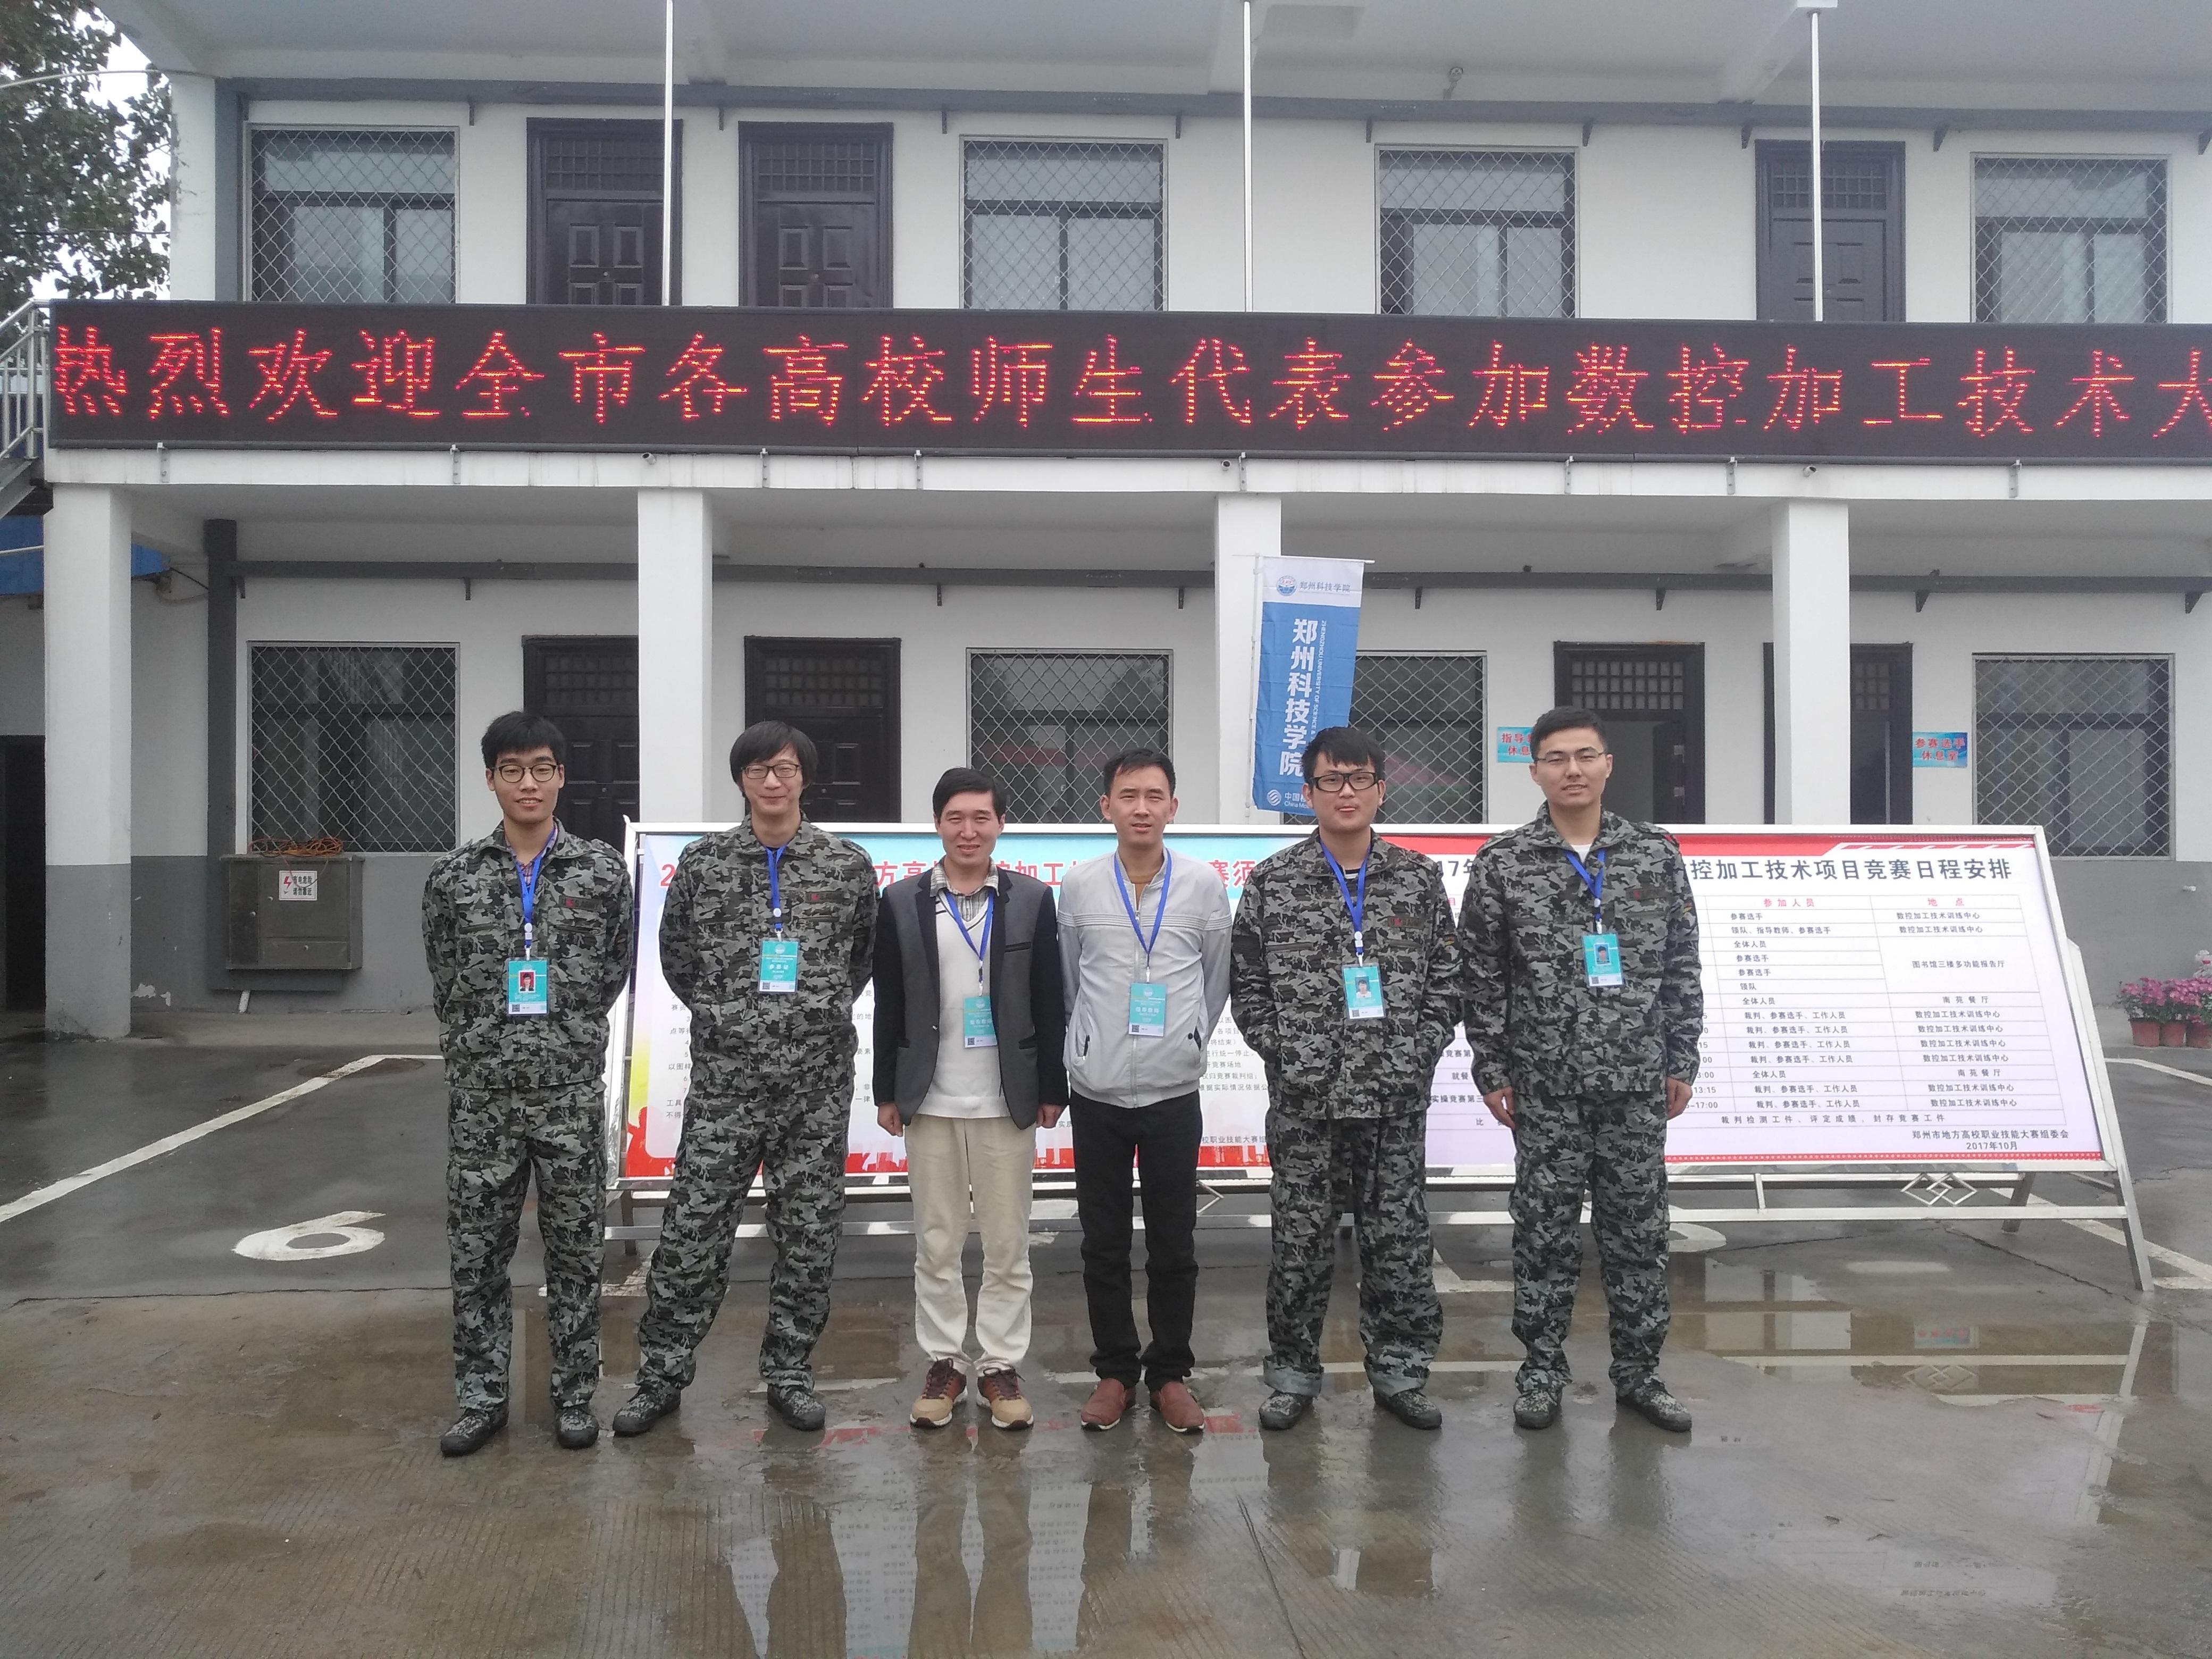 机电系参加第三届郑州地方高校职业技能竞赛